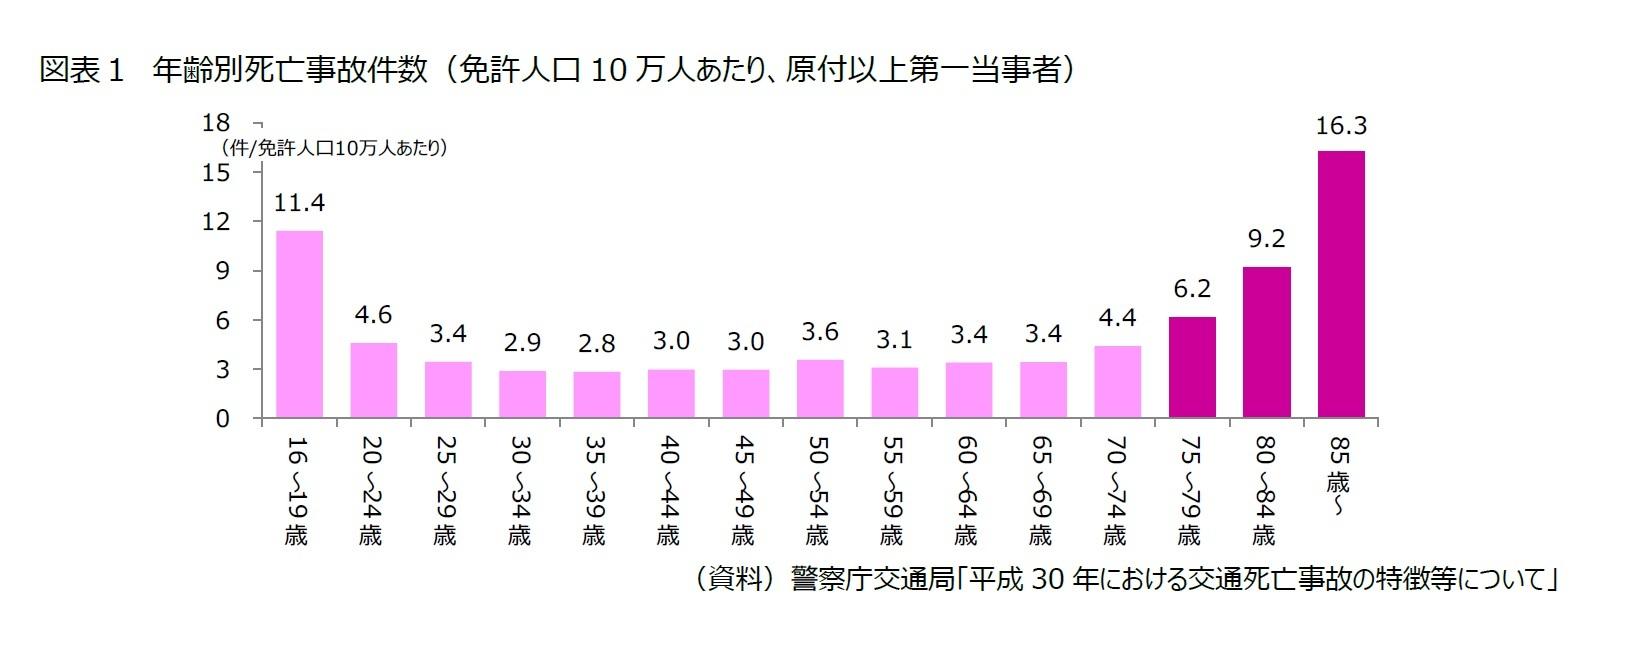 図表1 年齢別死亡事故件数(免許人口10万人あたり、原付以上第一当事者)